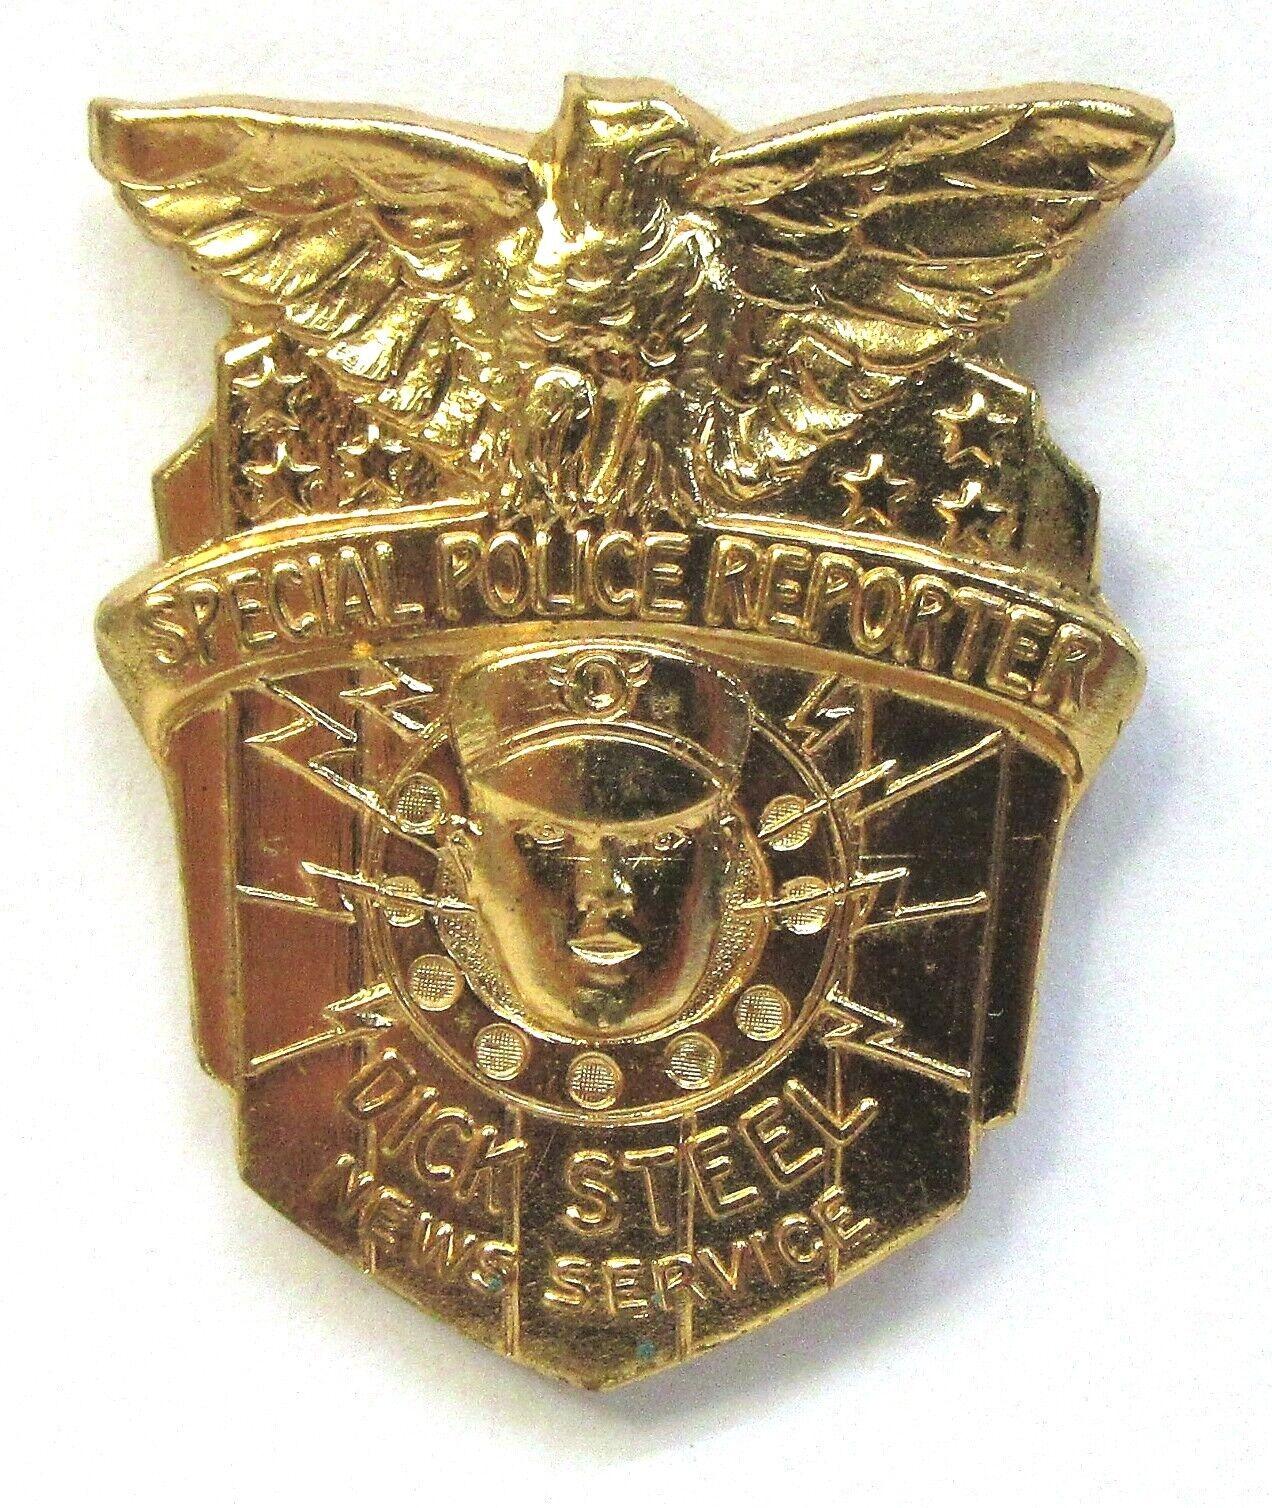 1934 Dick Acero reportero especial de la policía radio insignia Pinback Alta Calidad Premium